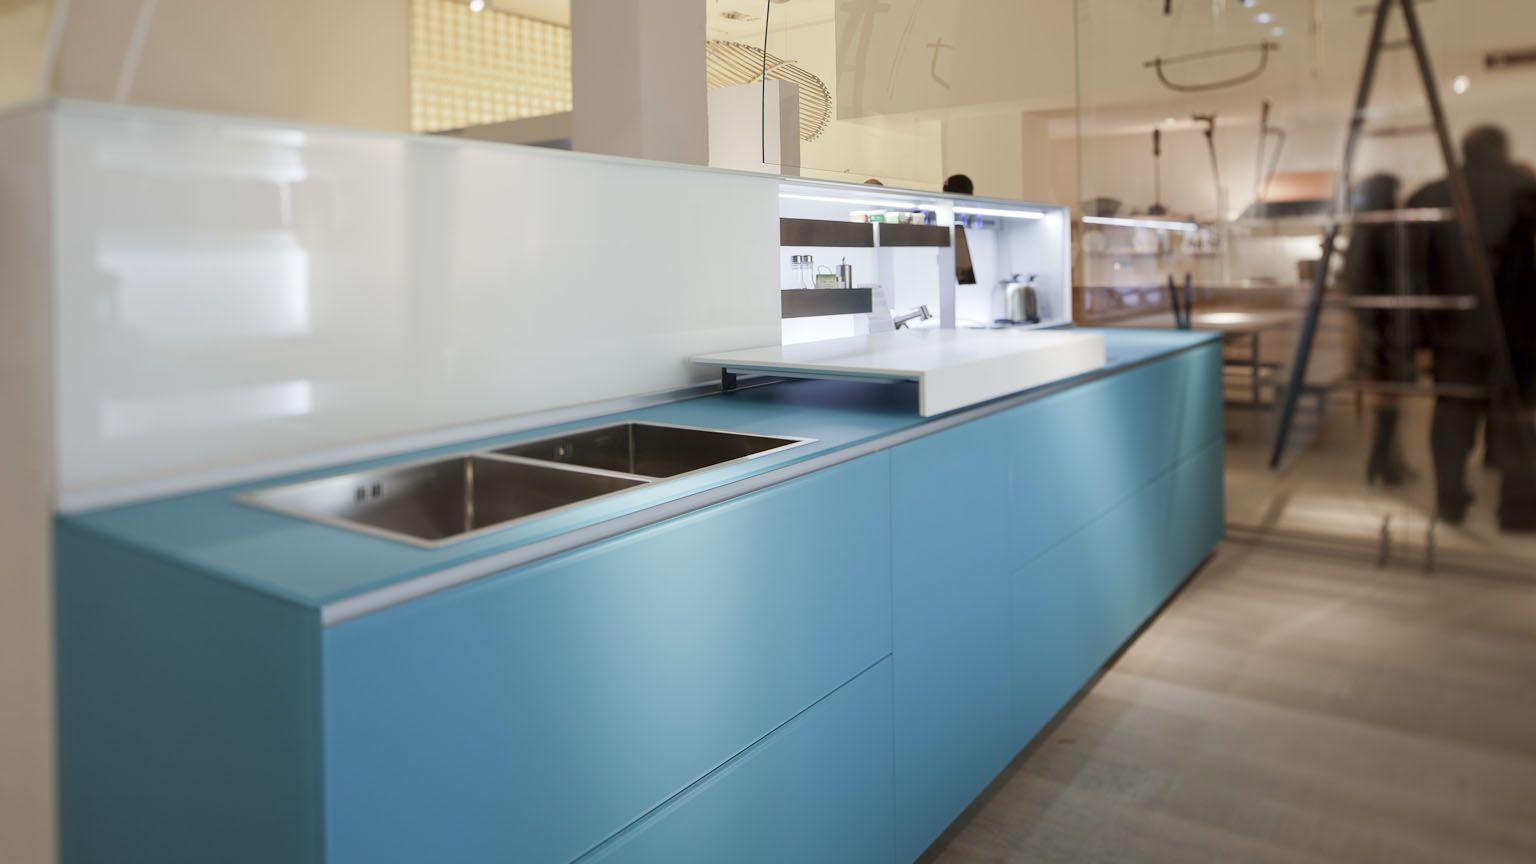 valcucine - Google Search | contemporary kitchen design | Pinterest ...